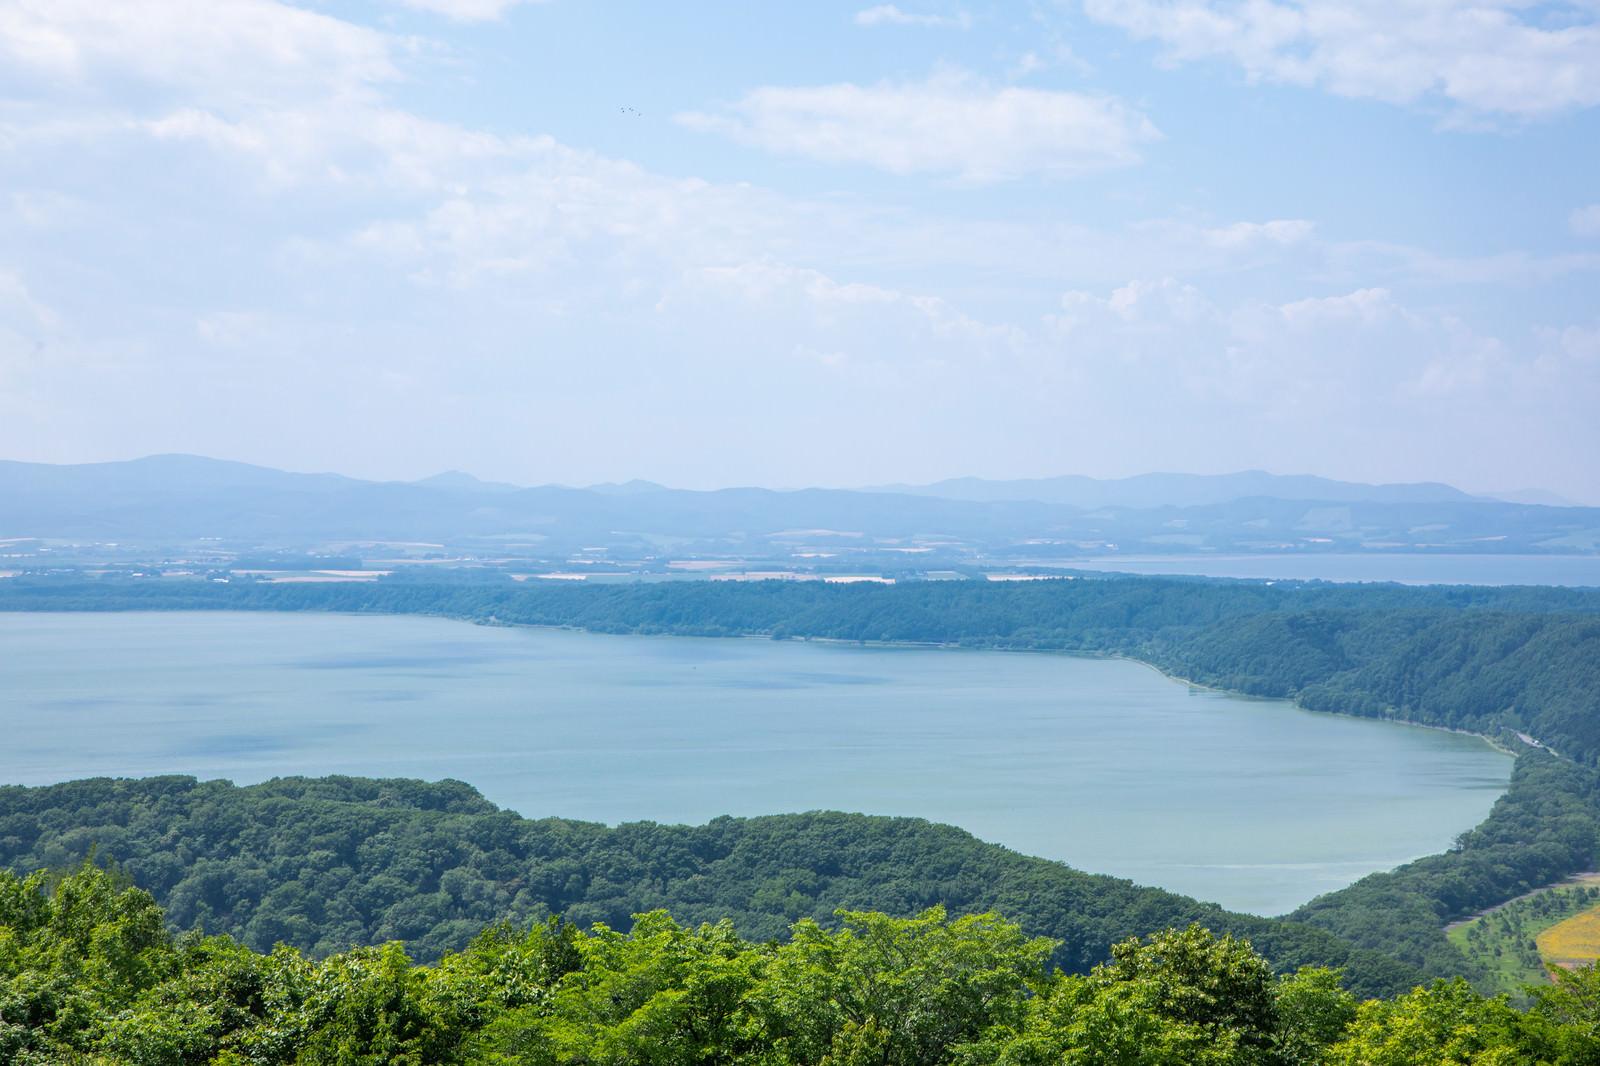 「周囲39.2kmの網走湖(海跡湖)」の写真